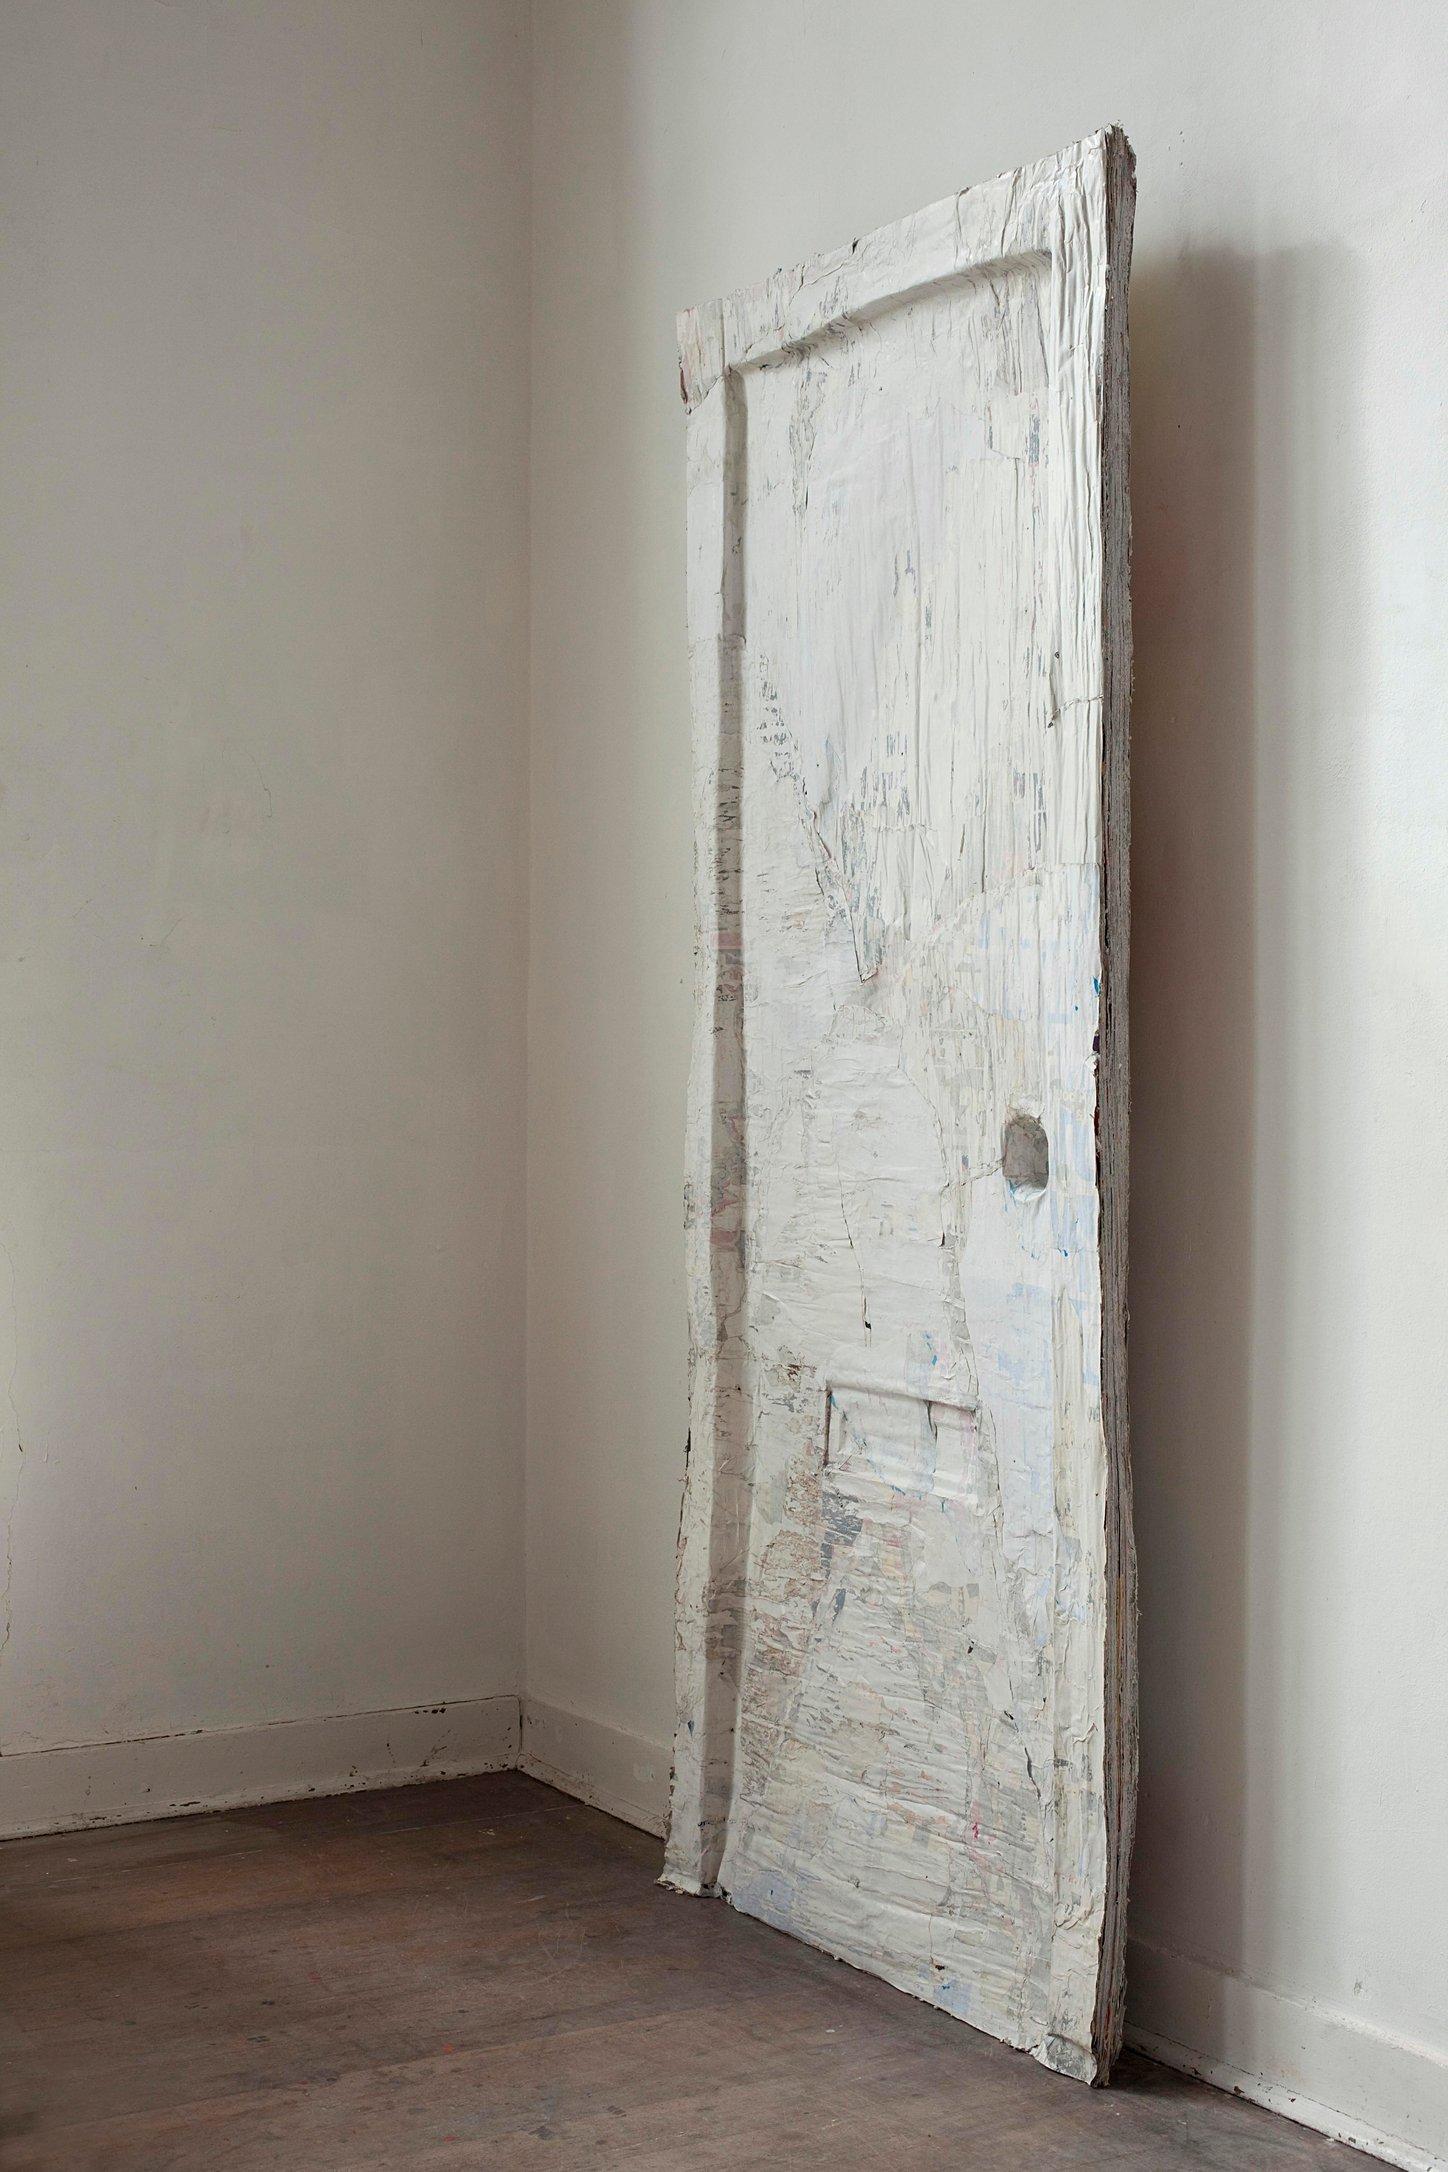 Ellert Haitjema - How To Door 2010